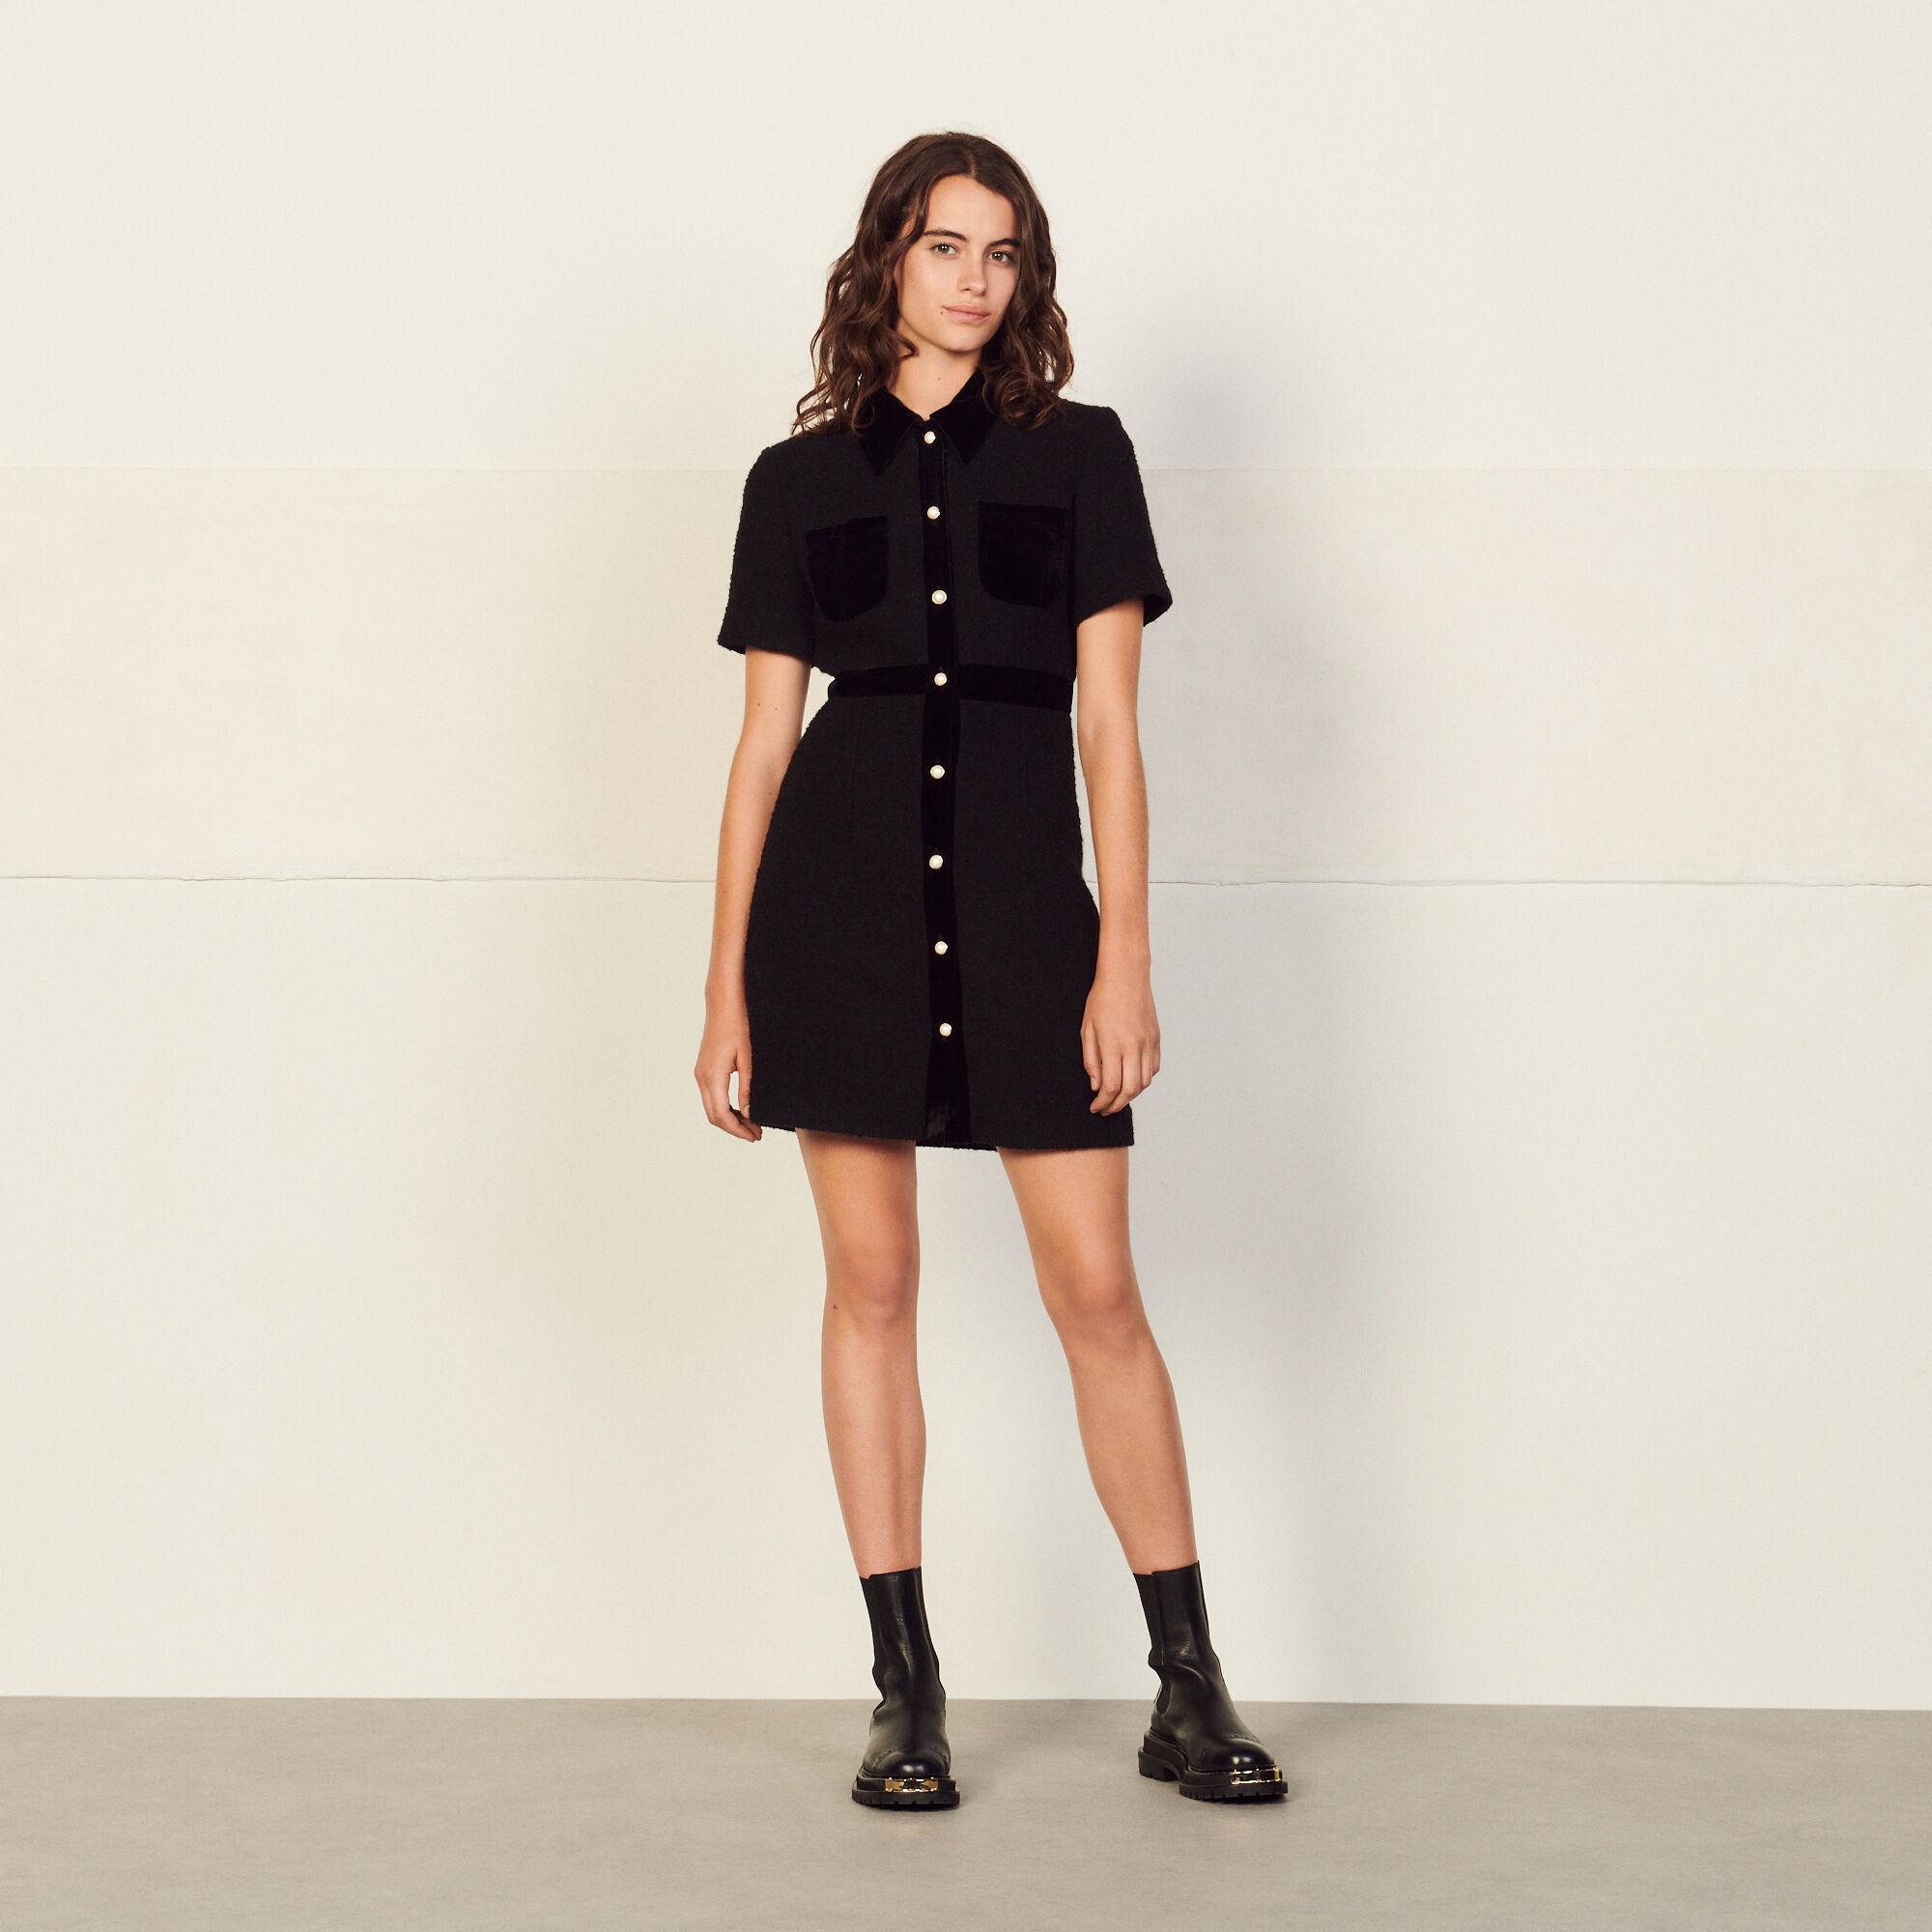 Sandro Dual-material tweed dress